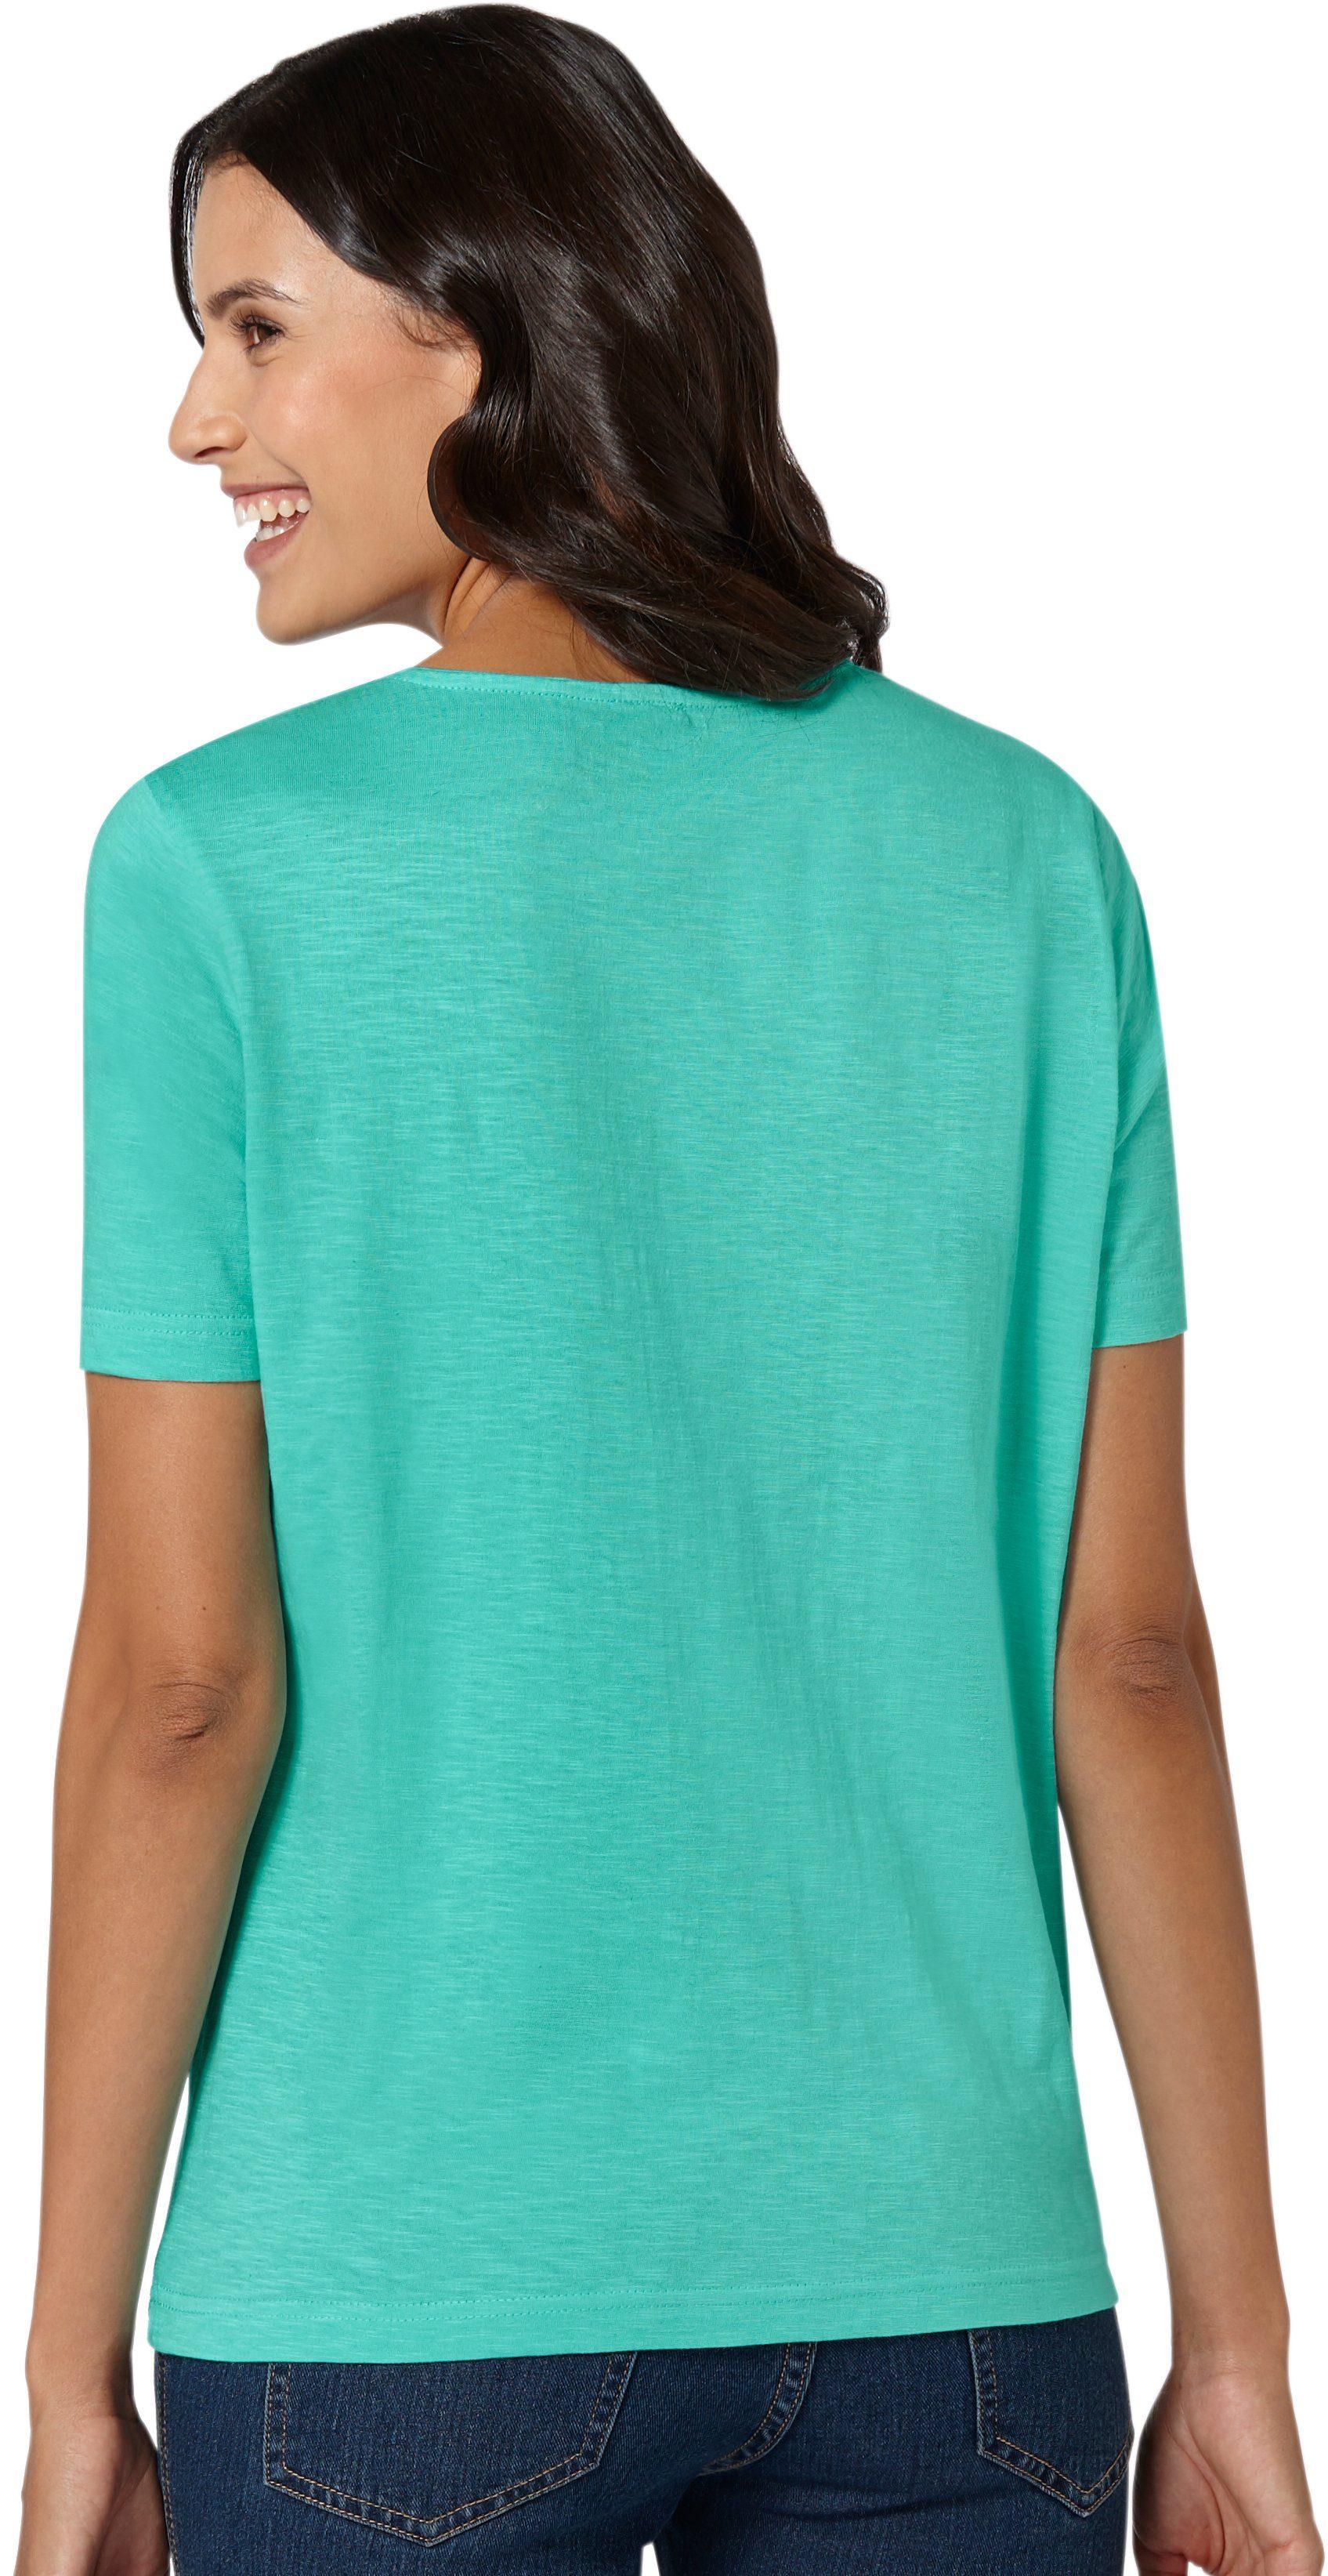 Classic Inspirationen Shirt Met Korte Mouwen Online Bestellen - Geweldige Prijs